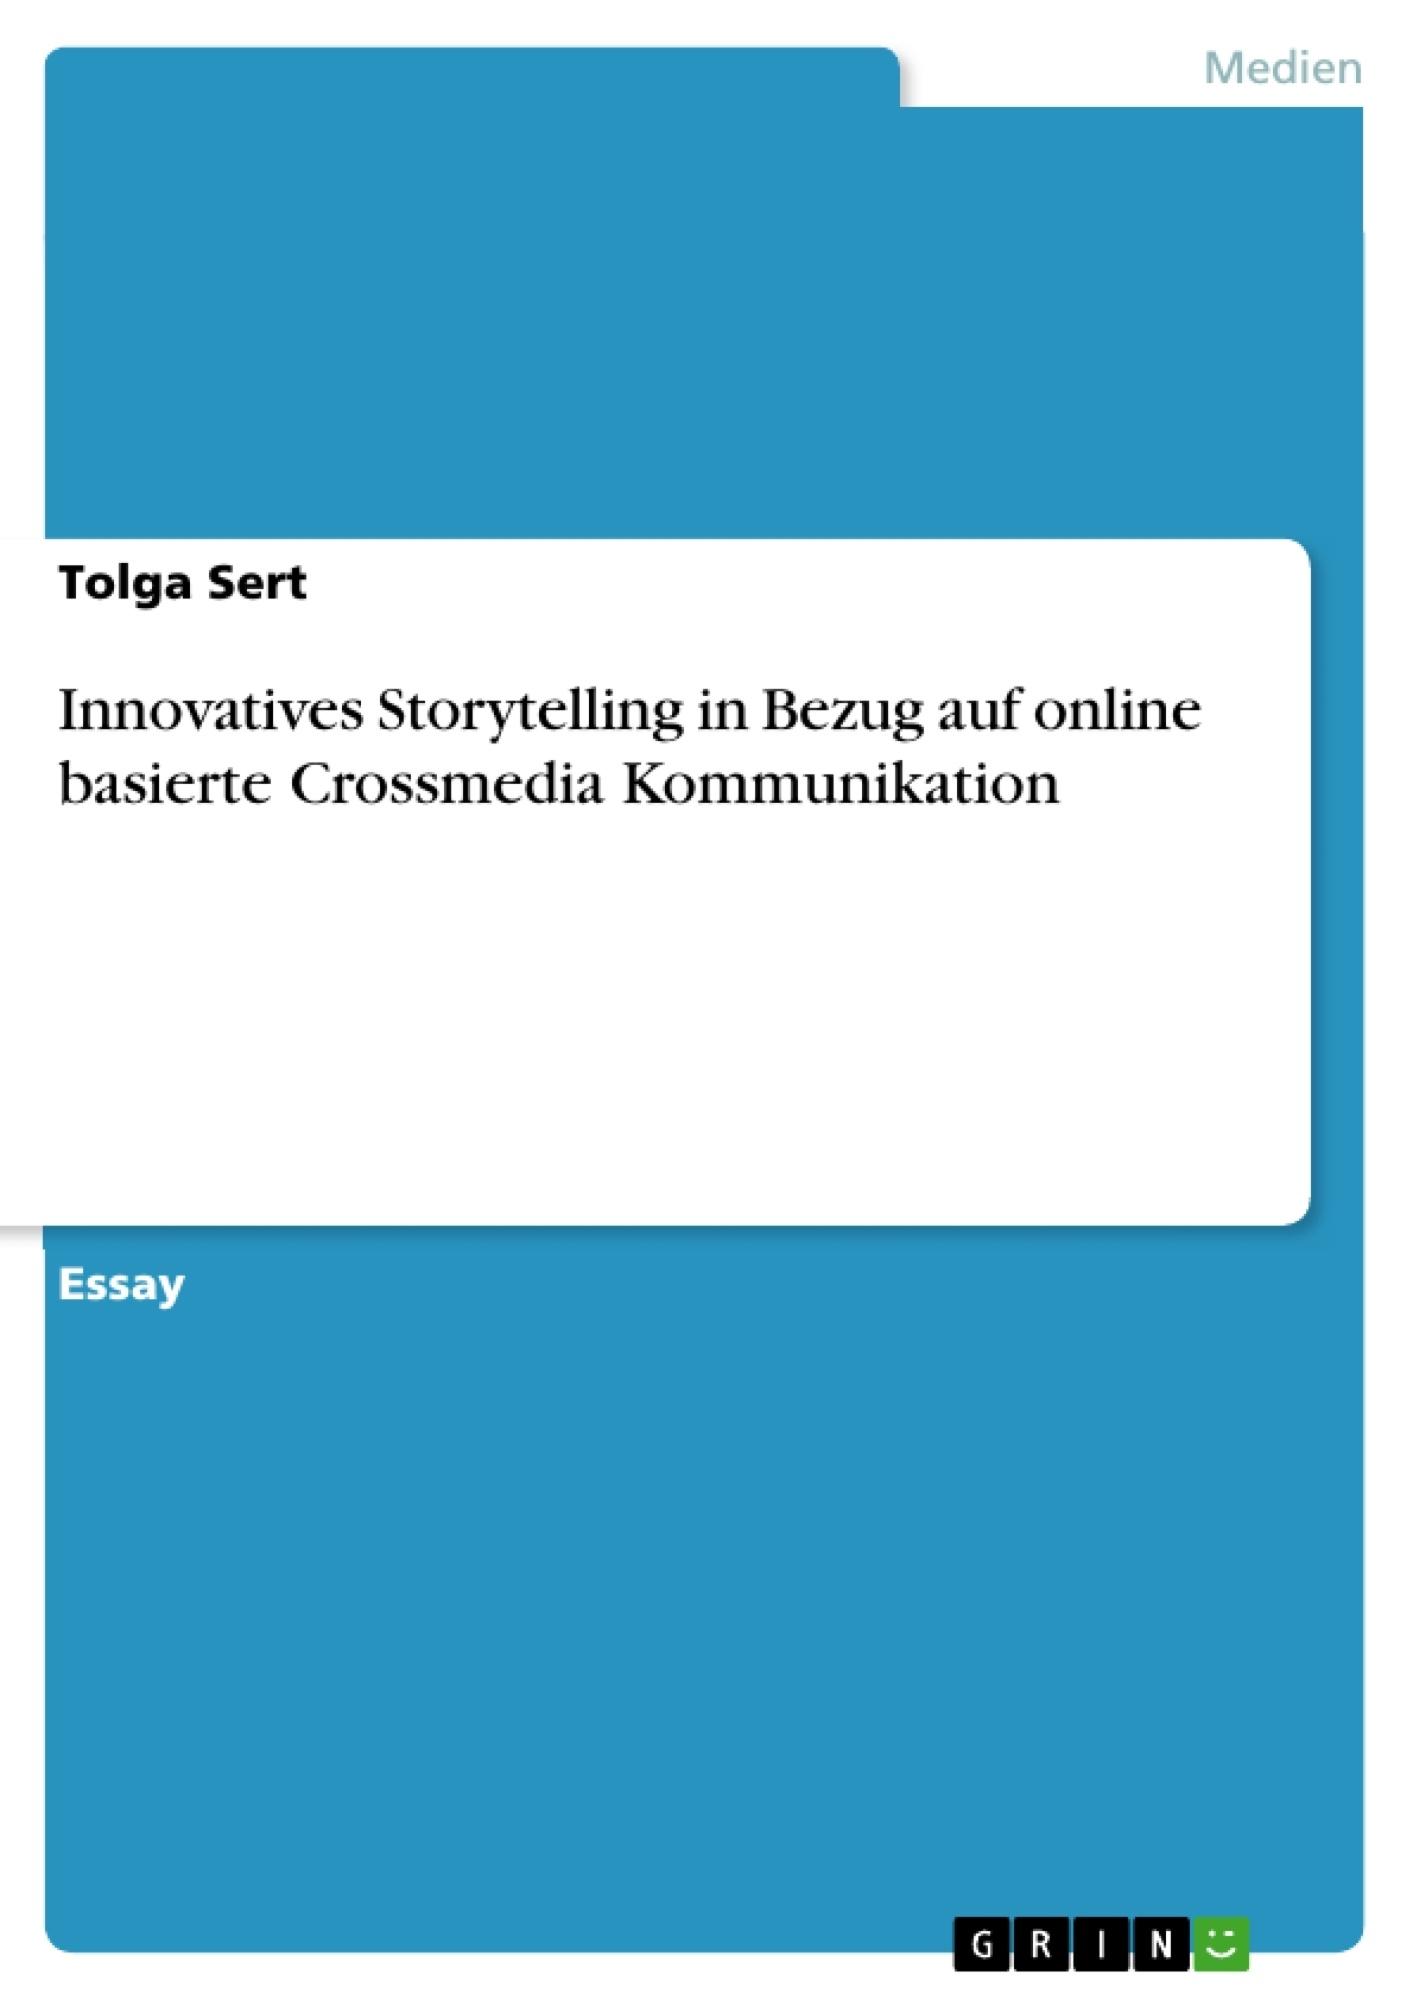 Titel: Innovatives Storytelling in Bezug auf online basierte Crossmedia Kommunikation